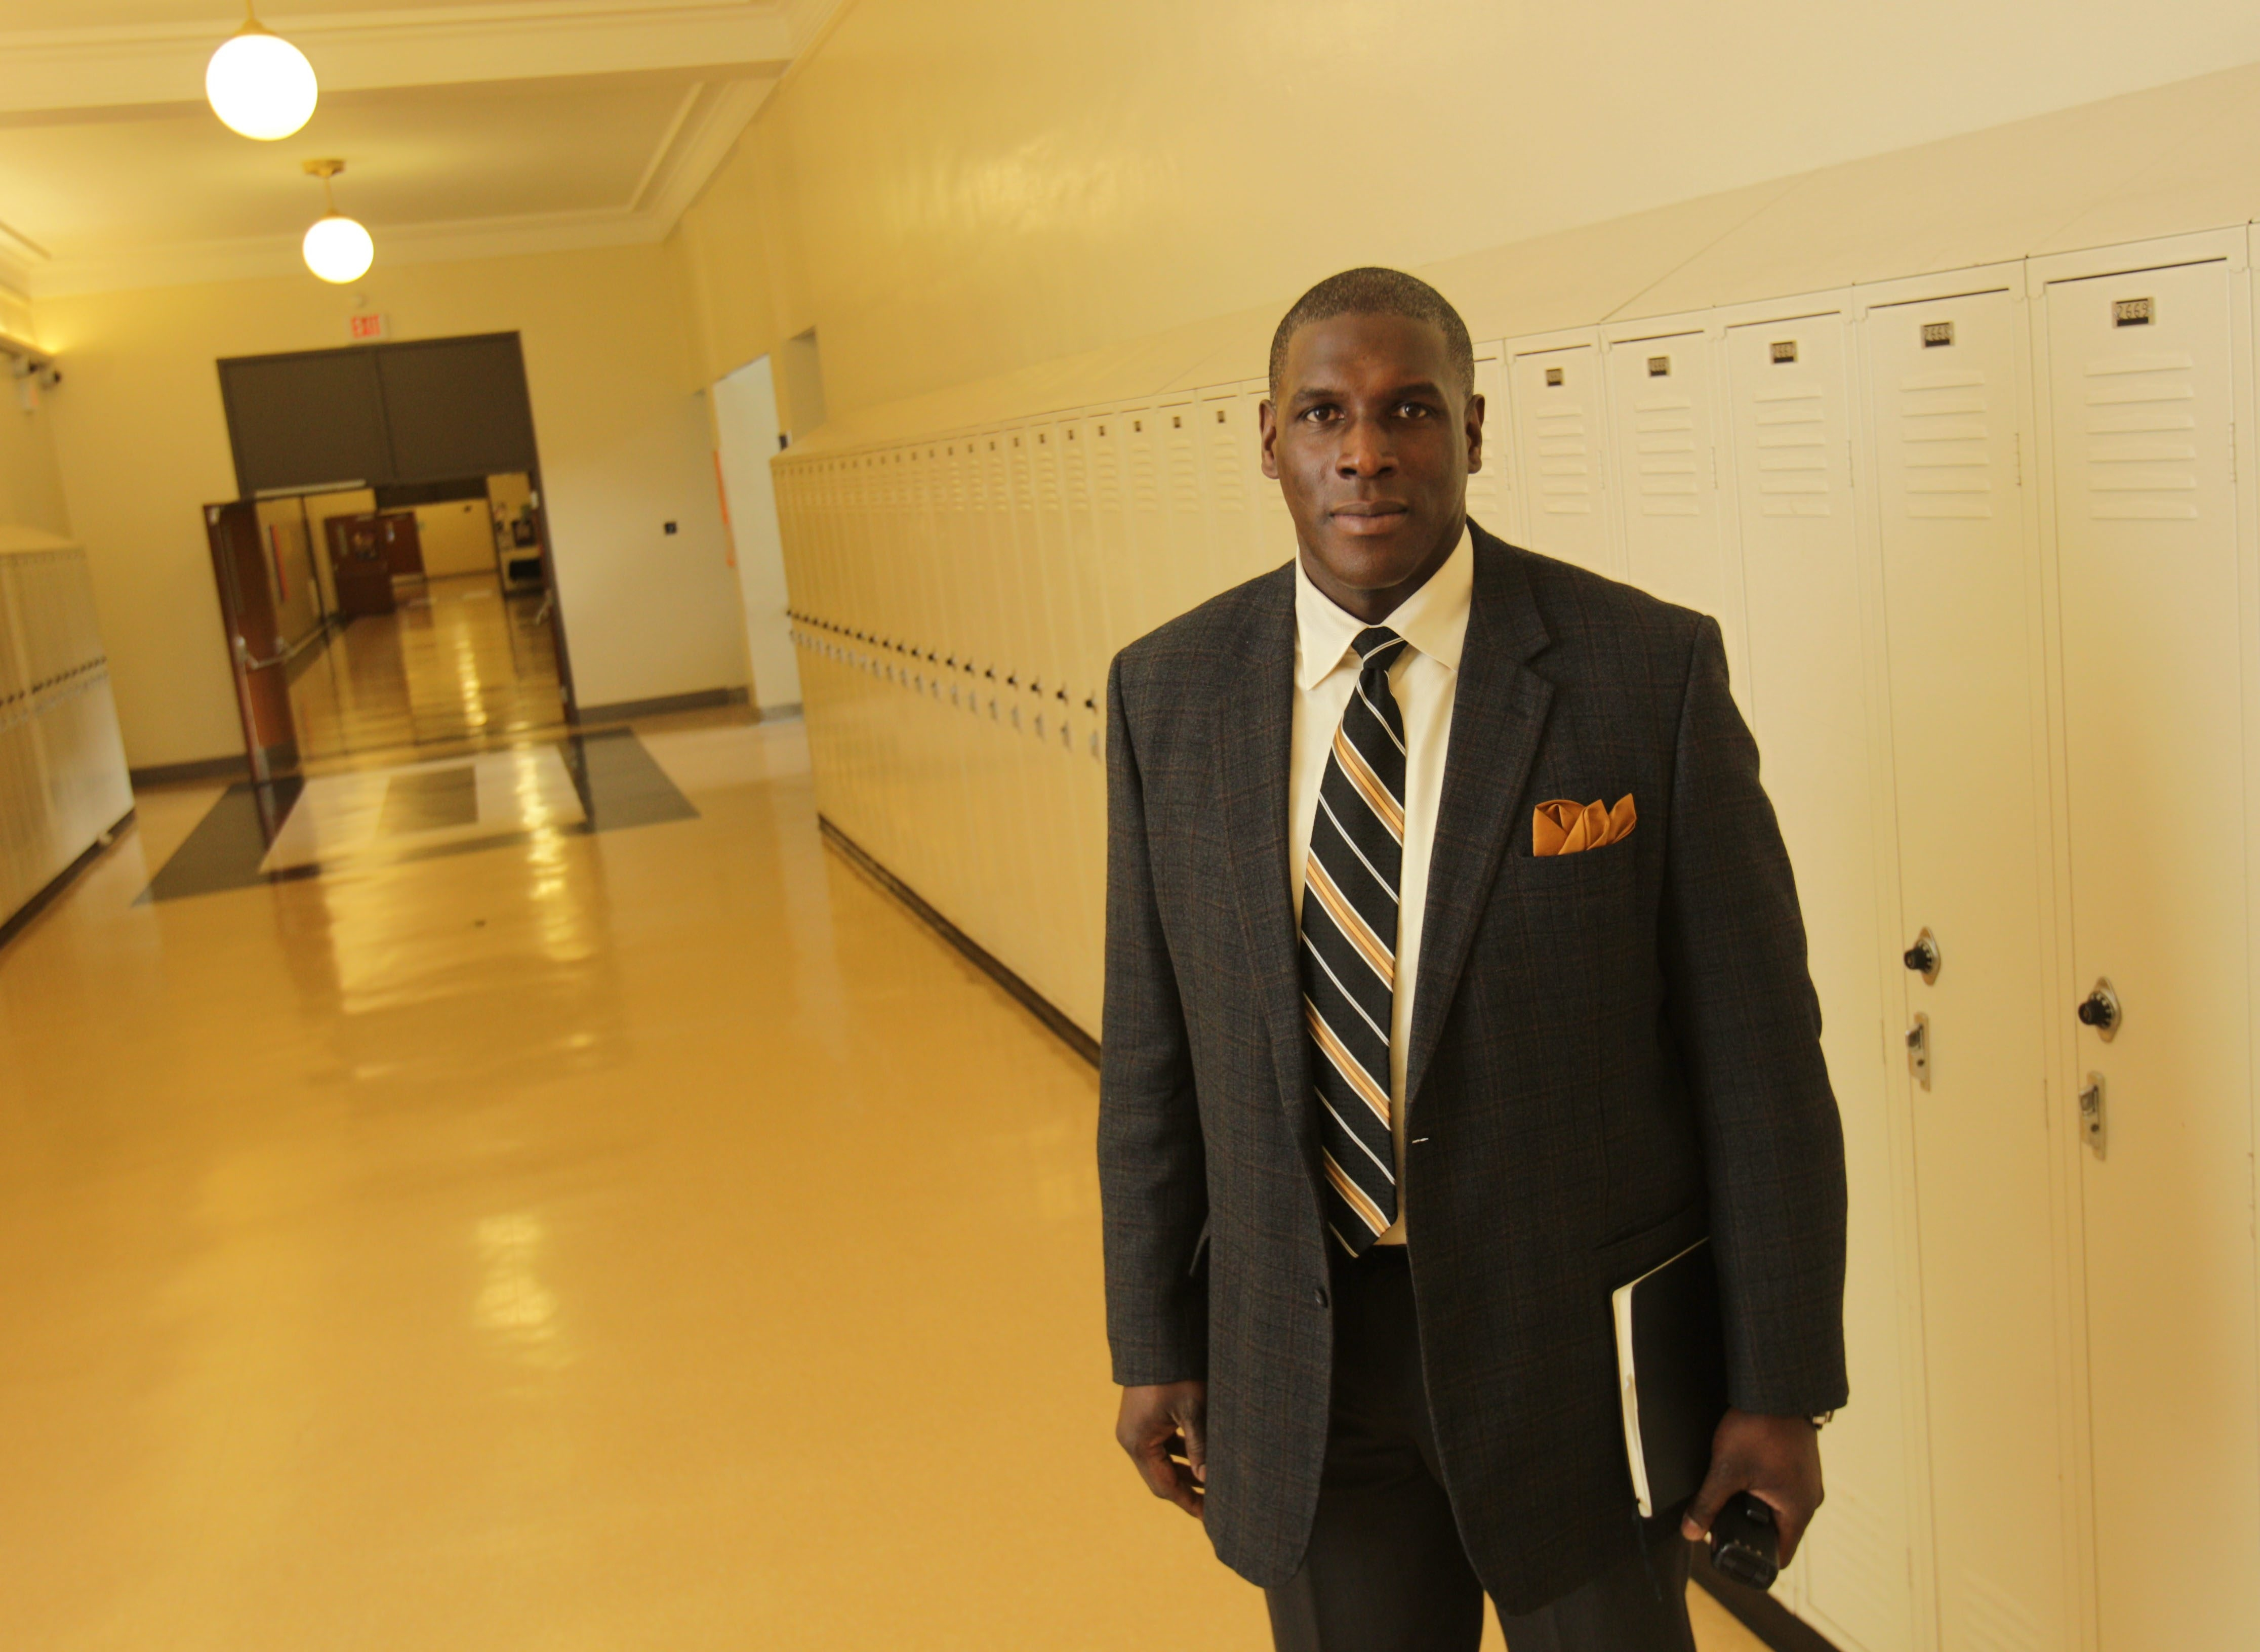 Terry Ross, Bennett High's Principal since September gives a tour of the school, Monday, Feb. 3, 2014. He's been the target of recent teacher surveys (Sharon Cantillon/Buffalo News)